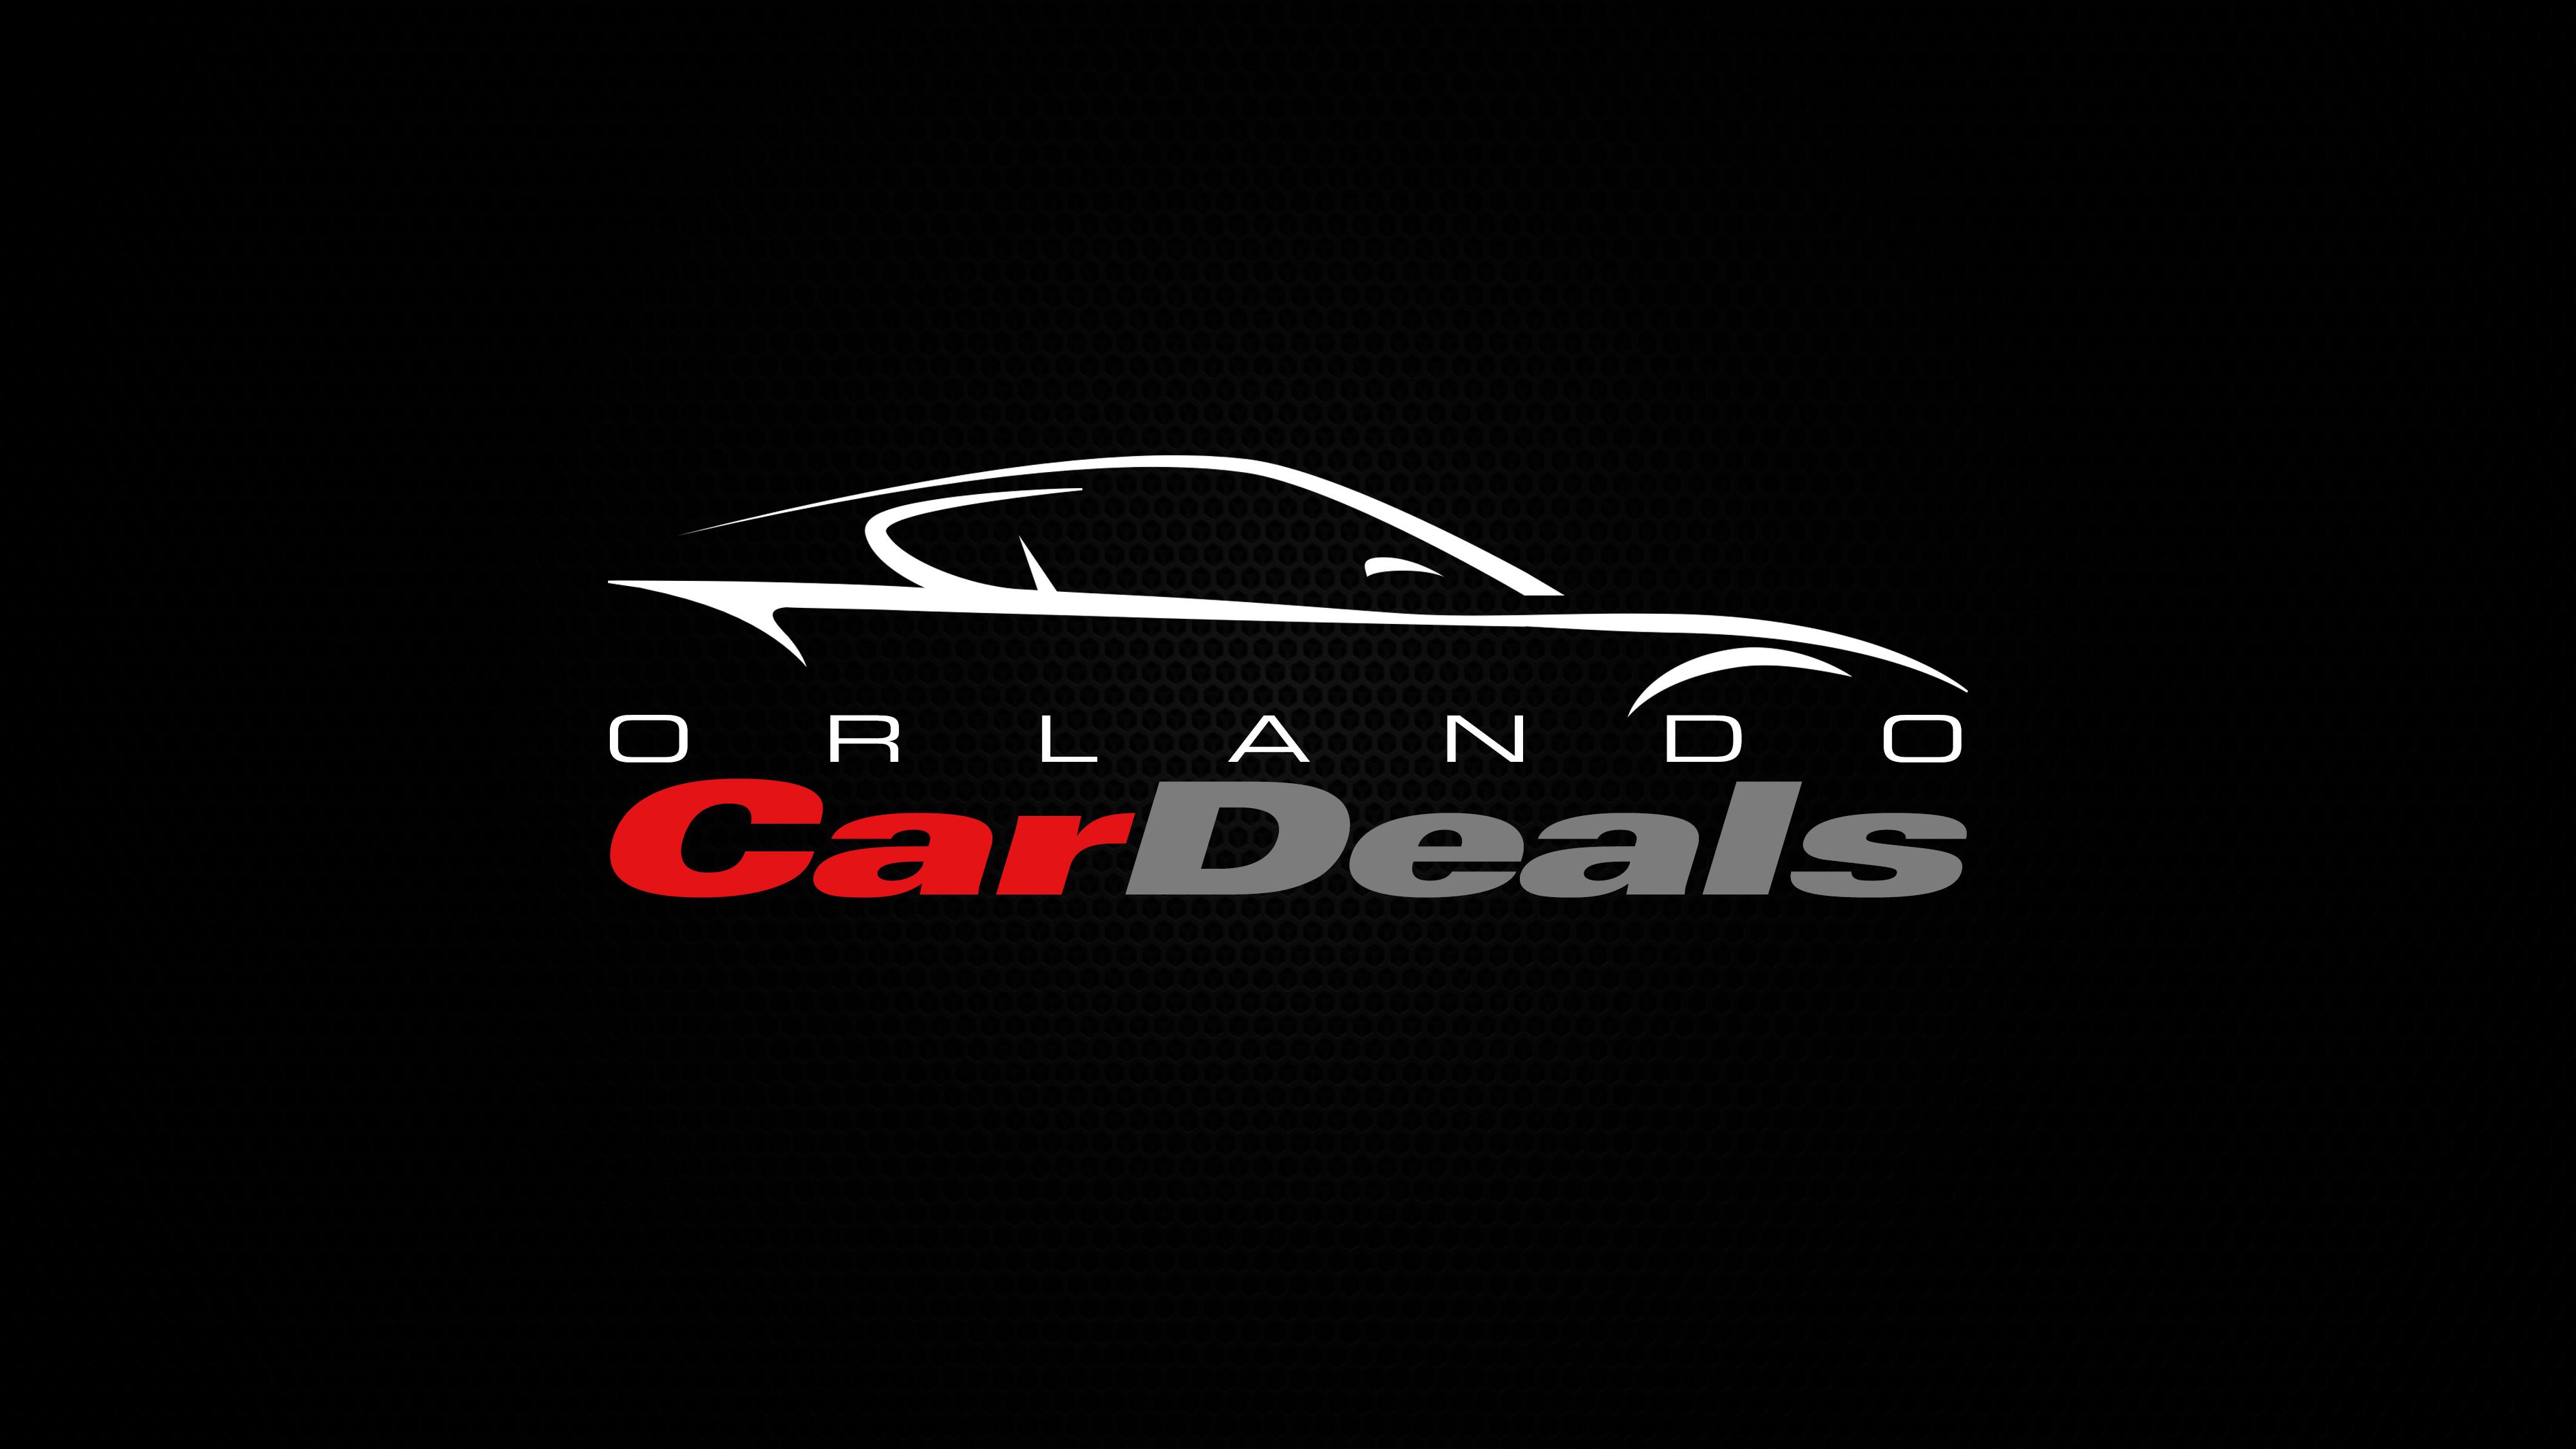 Orlando Car Deals image 95